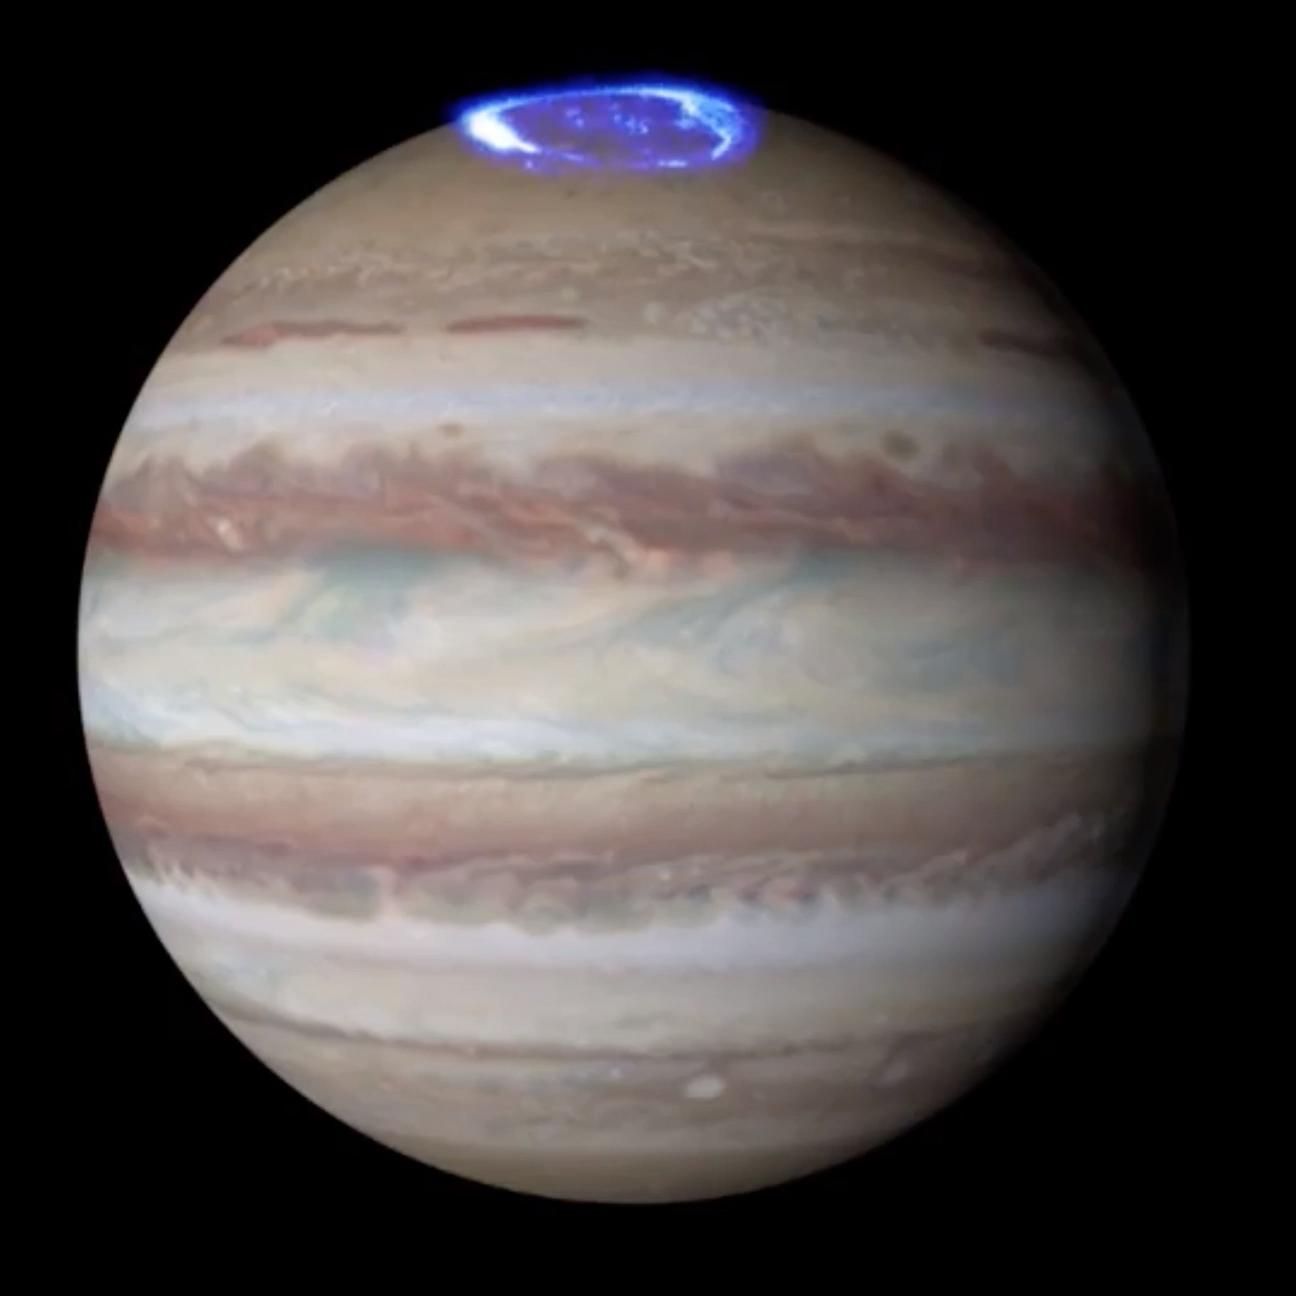 Photo of 木星オーロラ撮影による、ハッブル望遠鏡